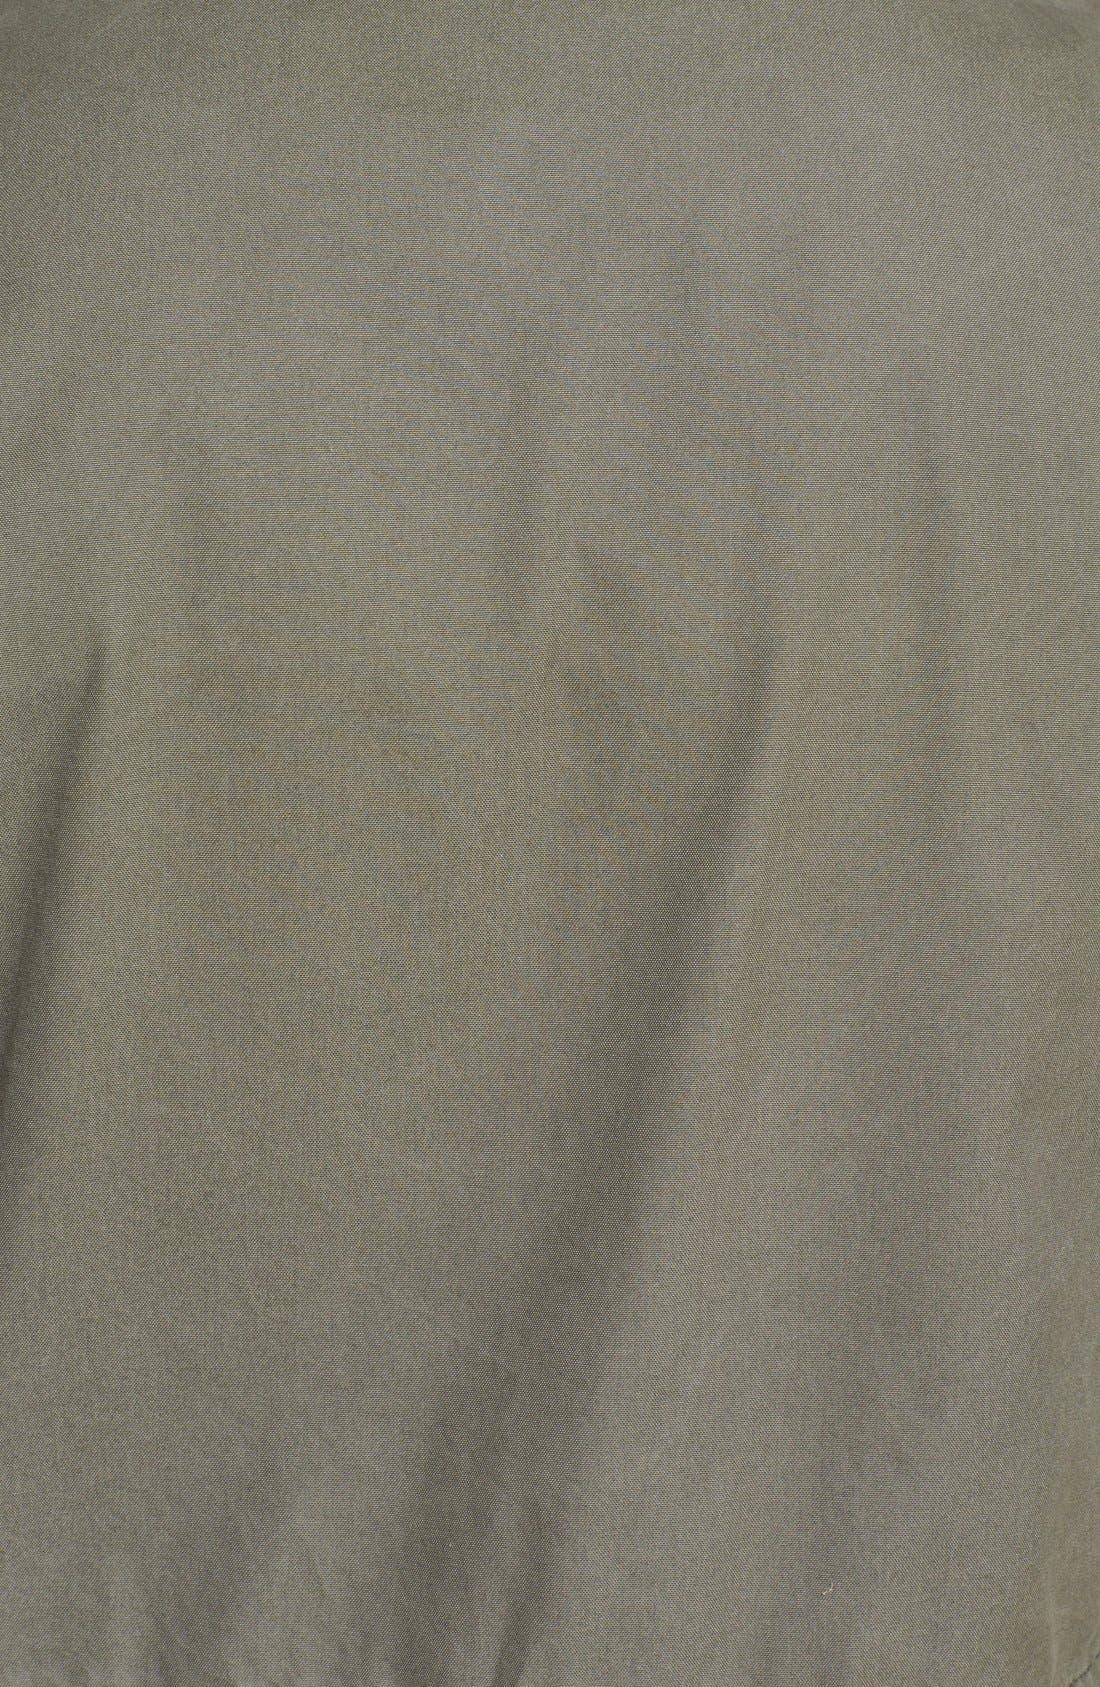 Alternate Image 3  - Woolrich 'M43' Waxed Cotton Field Jacket